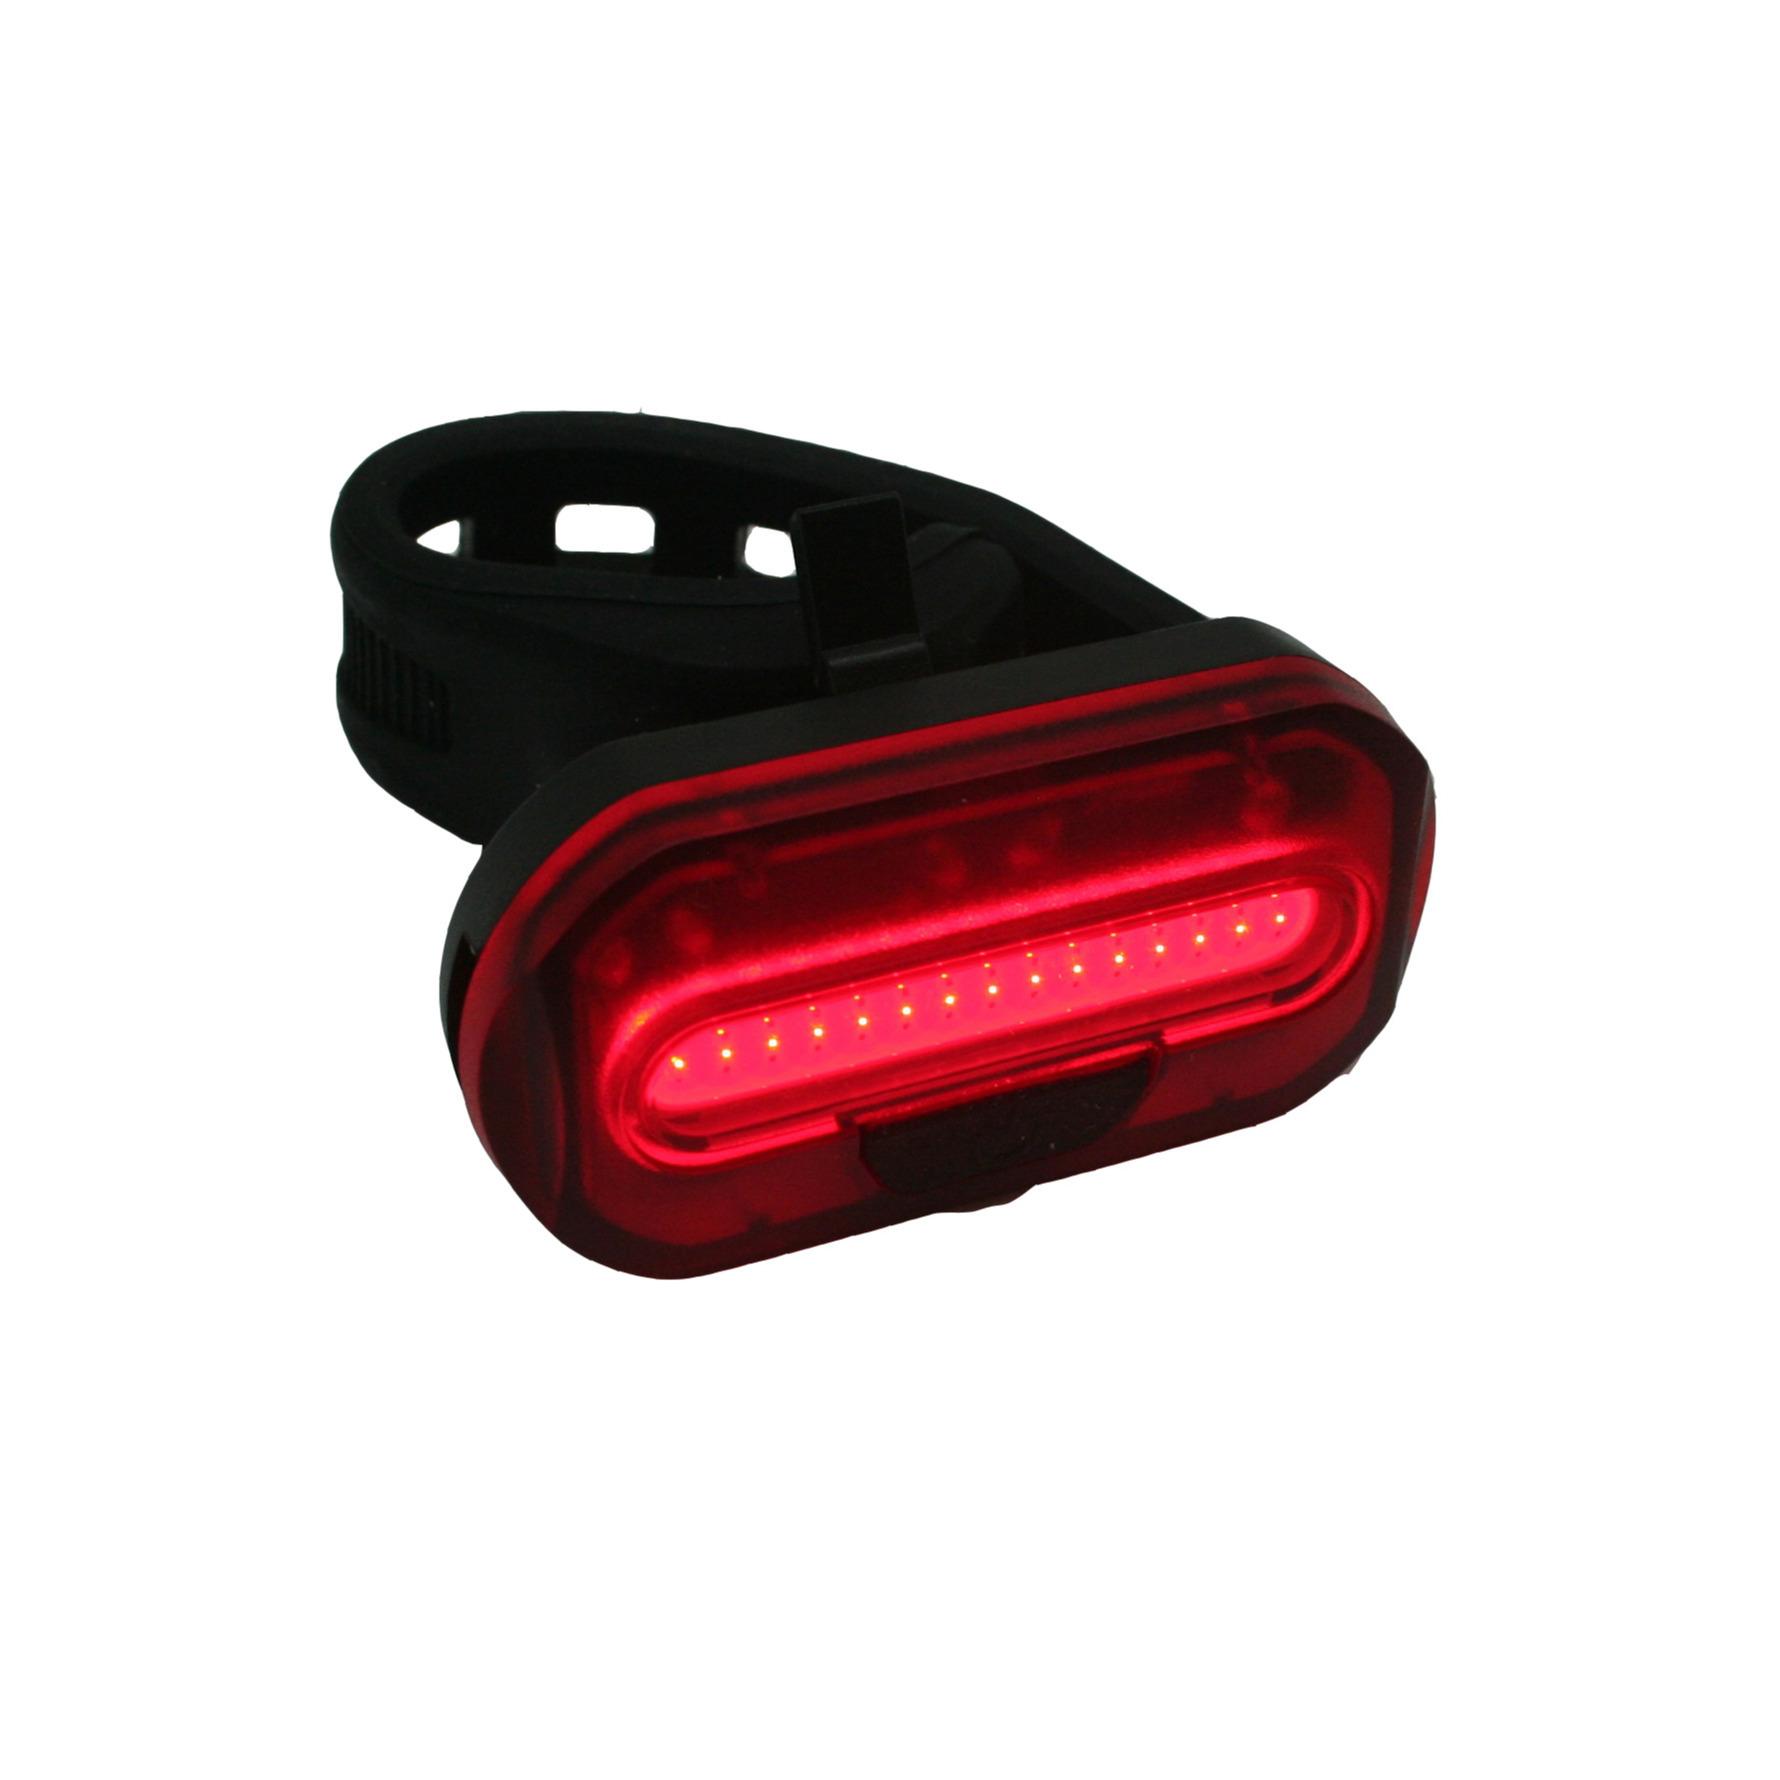 1x Fietsachterlicht-achterlamp fietsverlichting COB LED met bevestigingsband